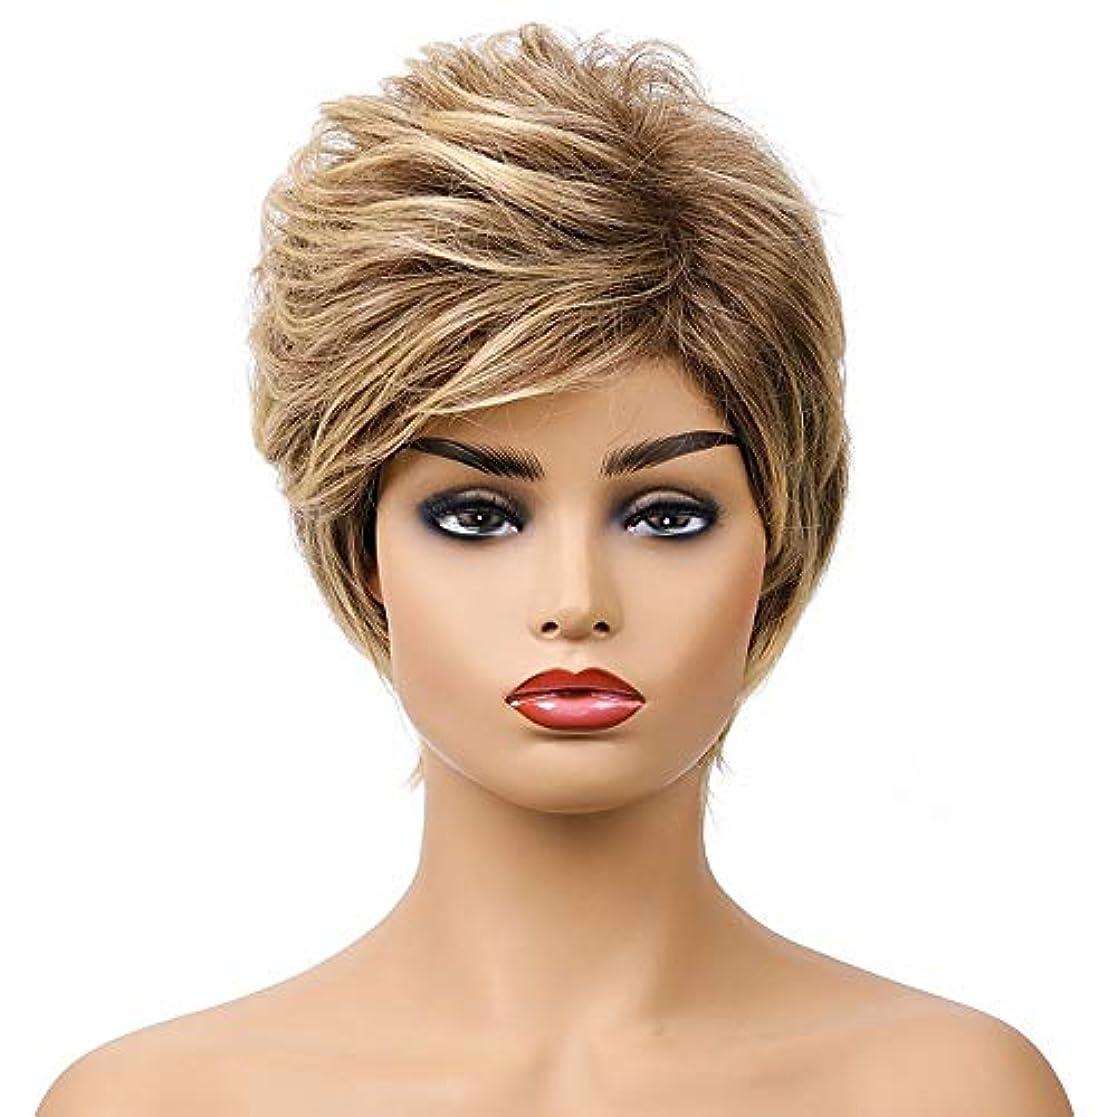 プール聖職者同性愛者女性の短い茶色の巻き毛のかつら、女性の側部のかつら、黒人女性のための自然なかつら、合成衣装ハロウィンコスプレパーティーウィッグ、茶色の黄色の混合色(ウィッグキャップ付き)